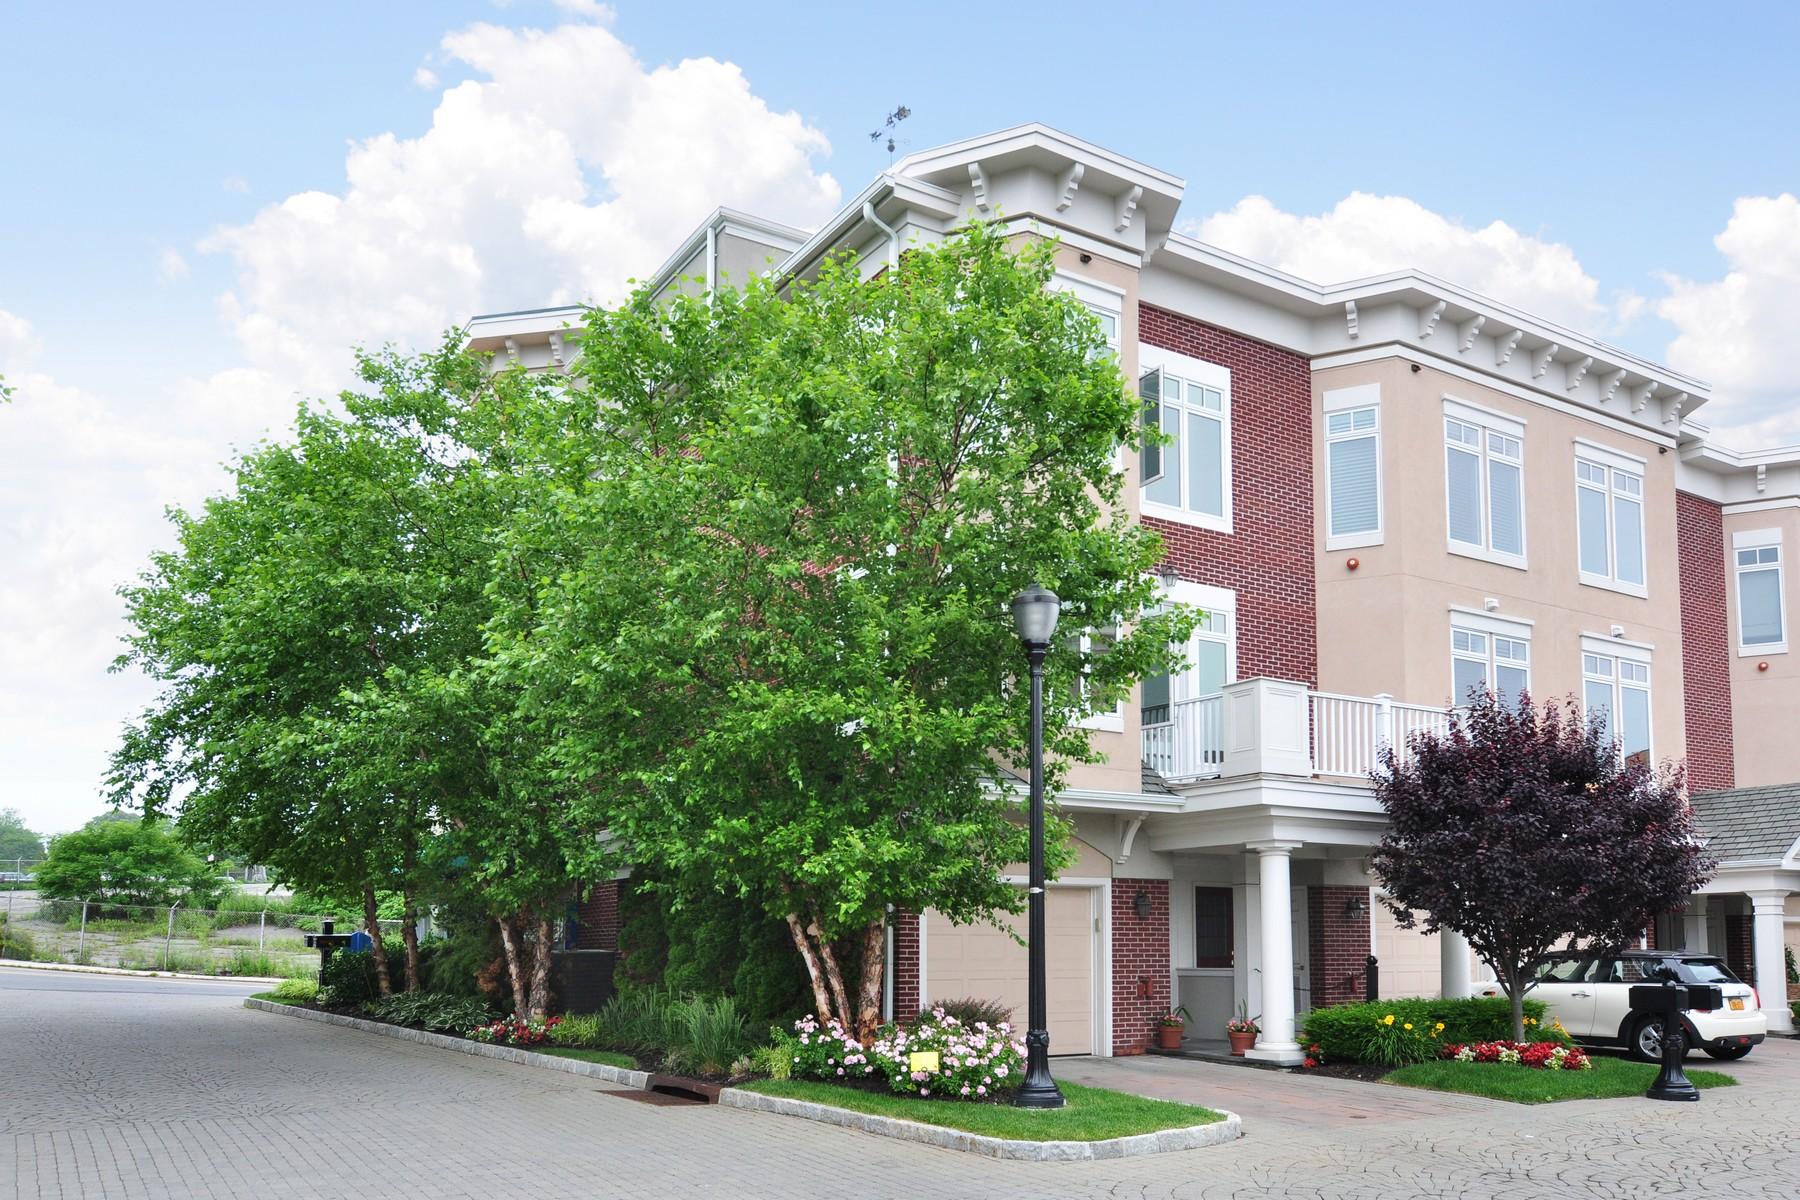 Eigentumswohnung für Verkauf beim End Unit Townhouse With Hudson River Views 59 River Street Sleepy Hollow, New York 10591 Vereinigte Staaten